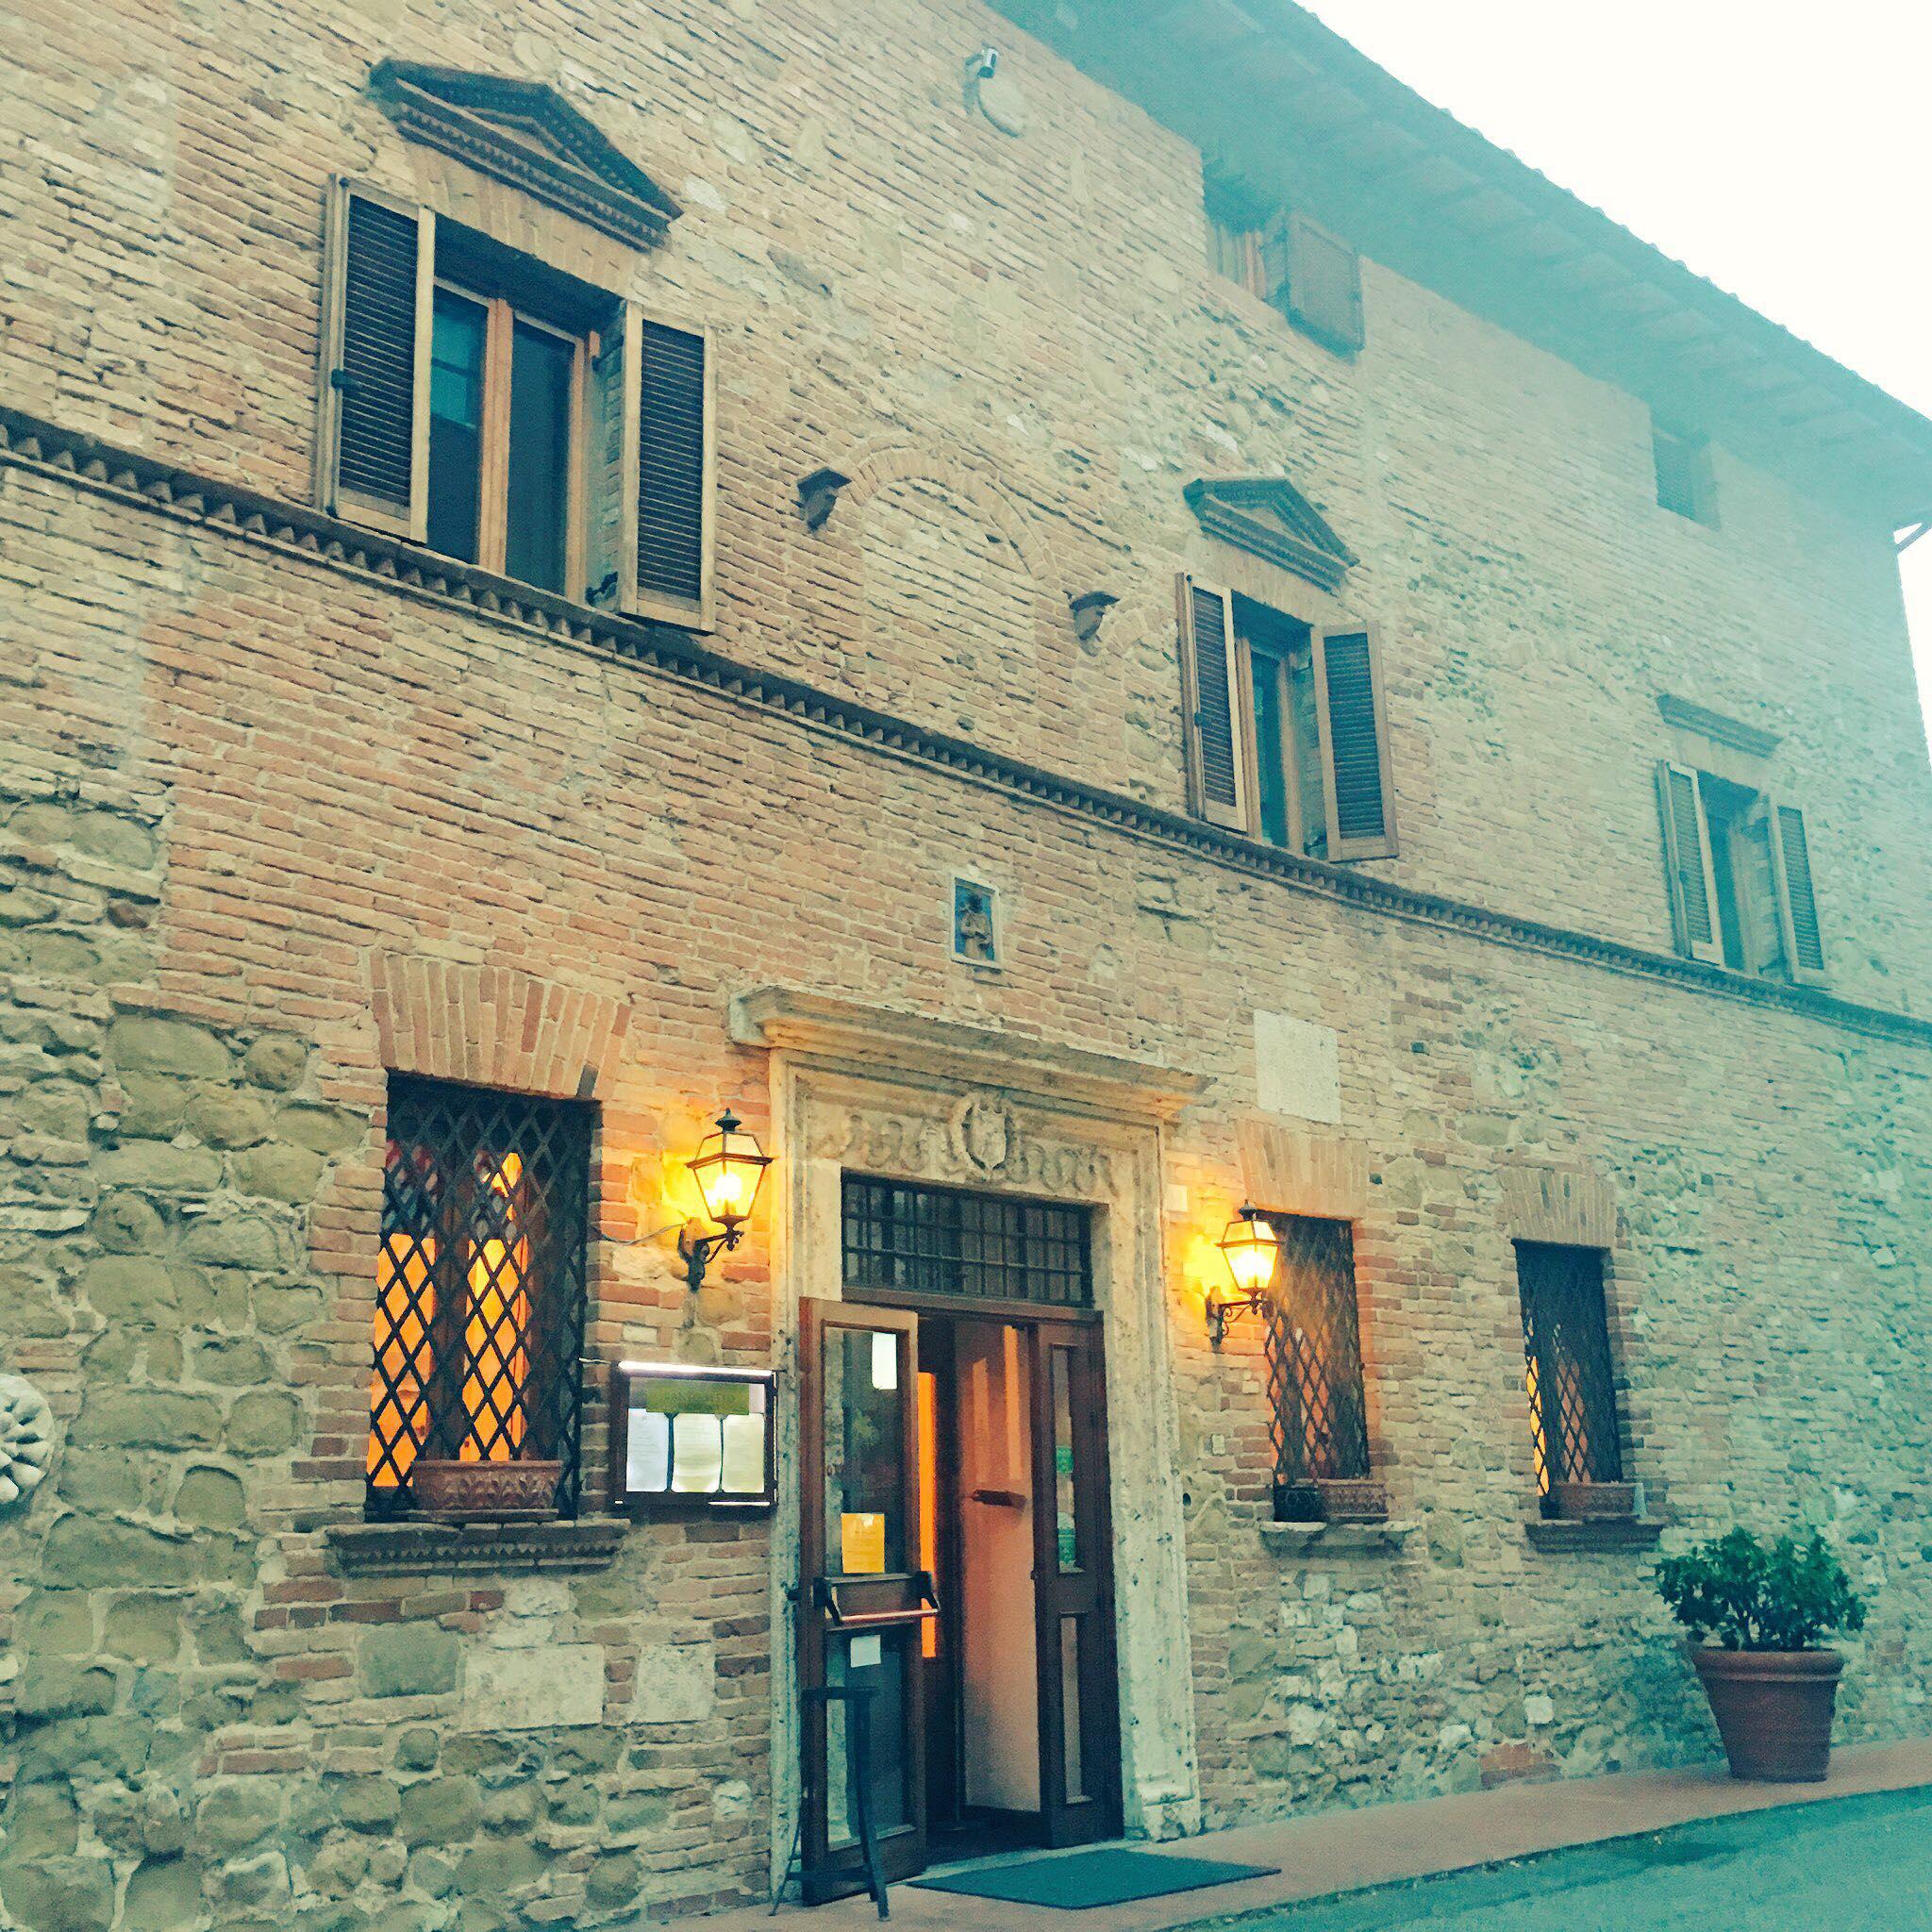 Ristorante Canto Sesto Perugia